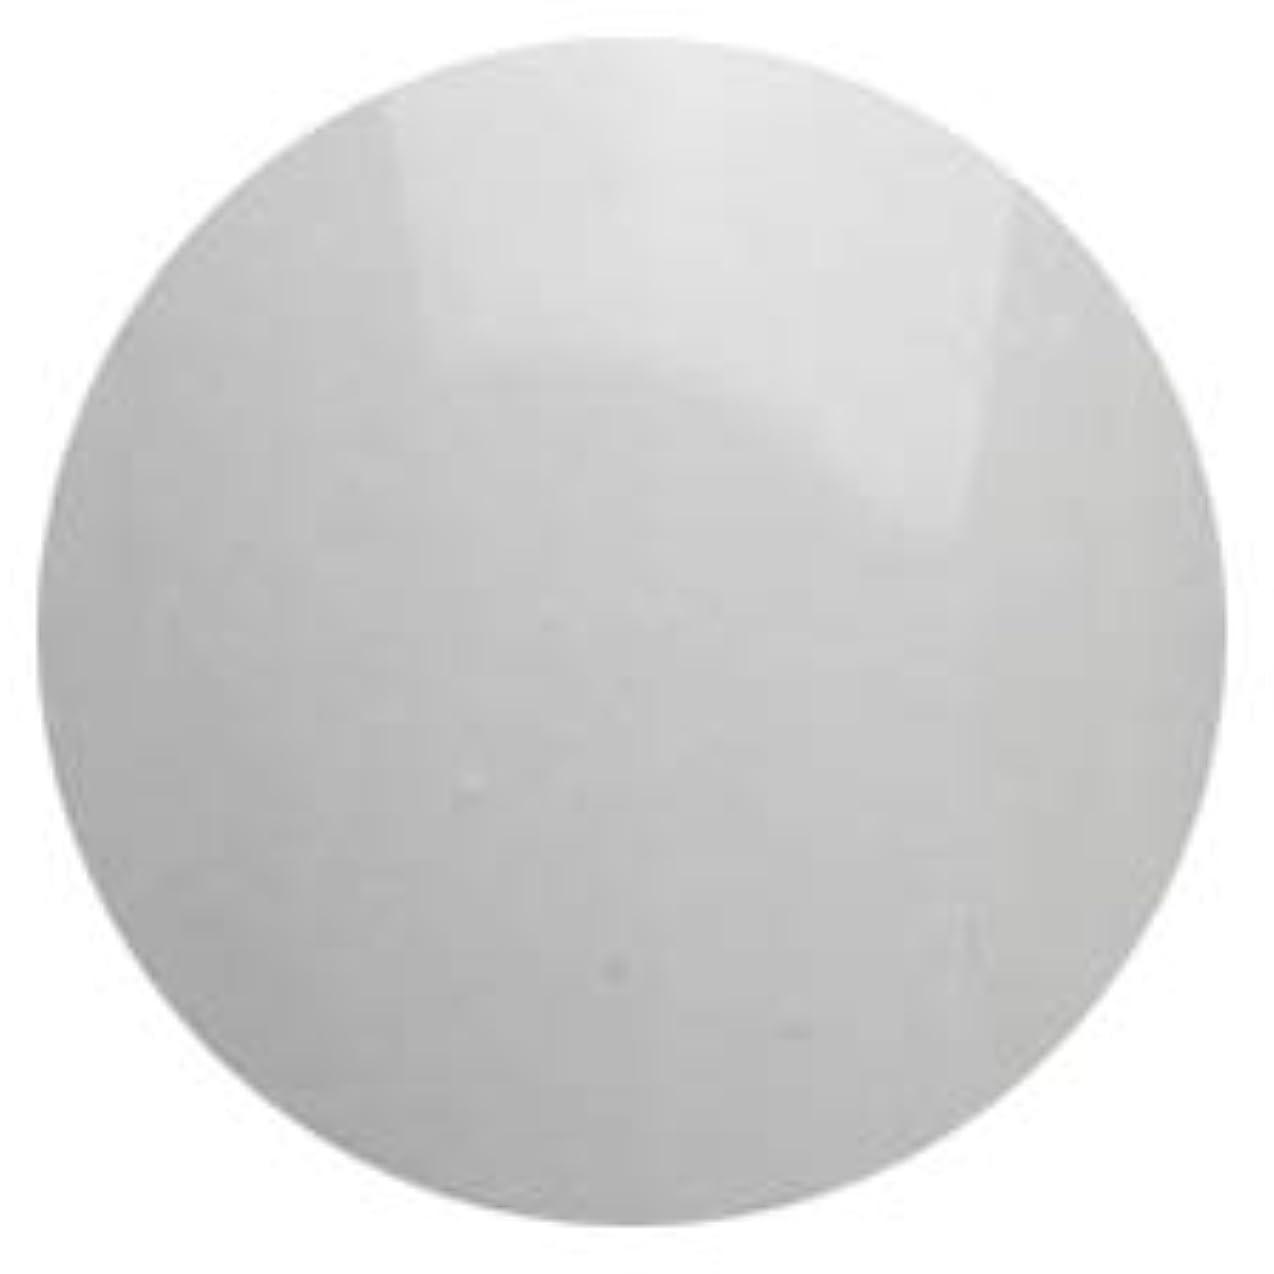 ヒューズシャーロットブロンテ気になるT-GEL COLLECTION カラージェル D121 ミルキーホワイト 4ml